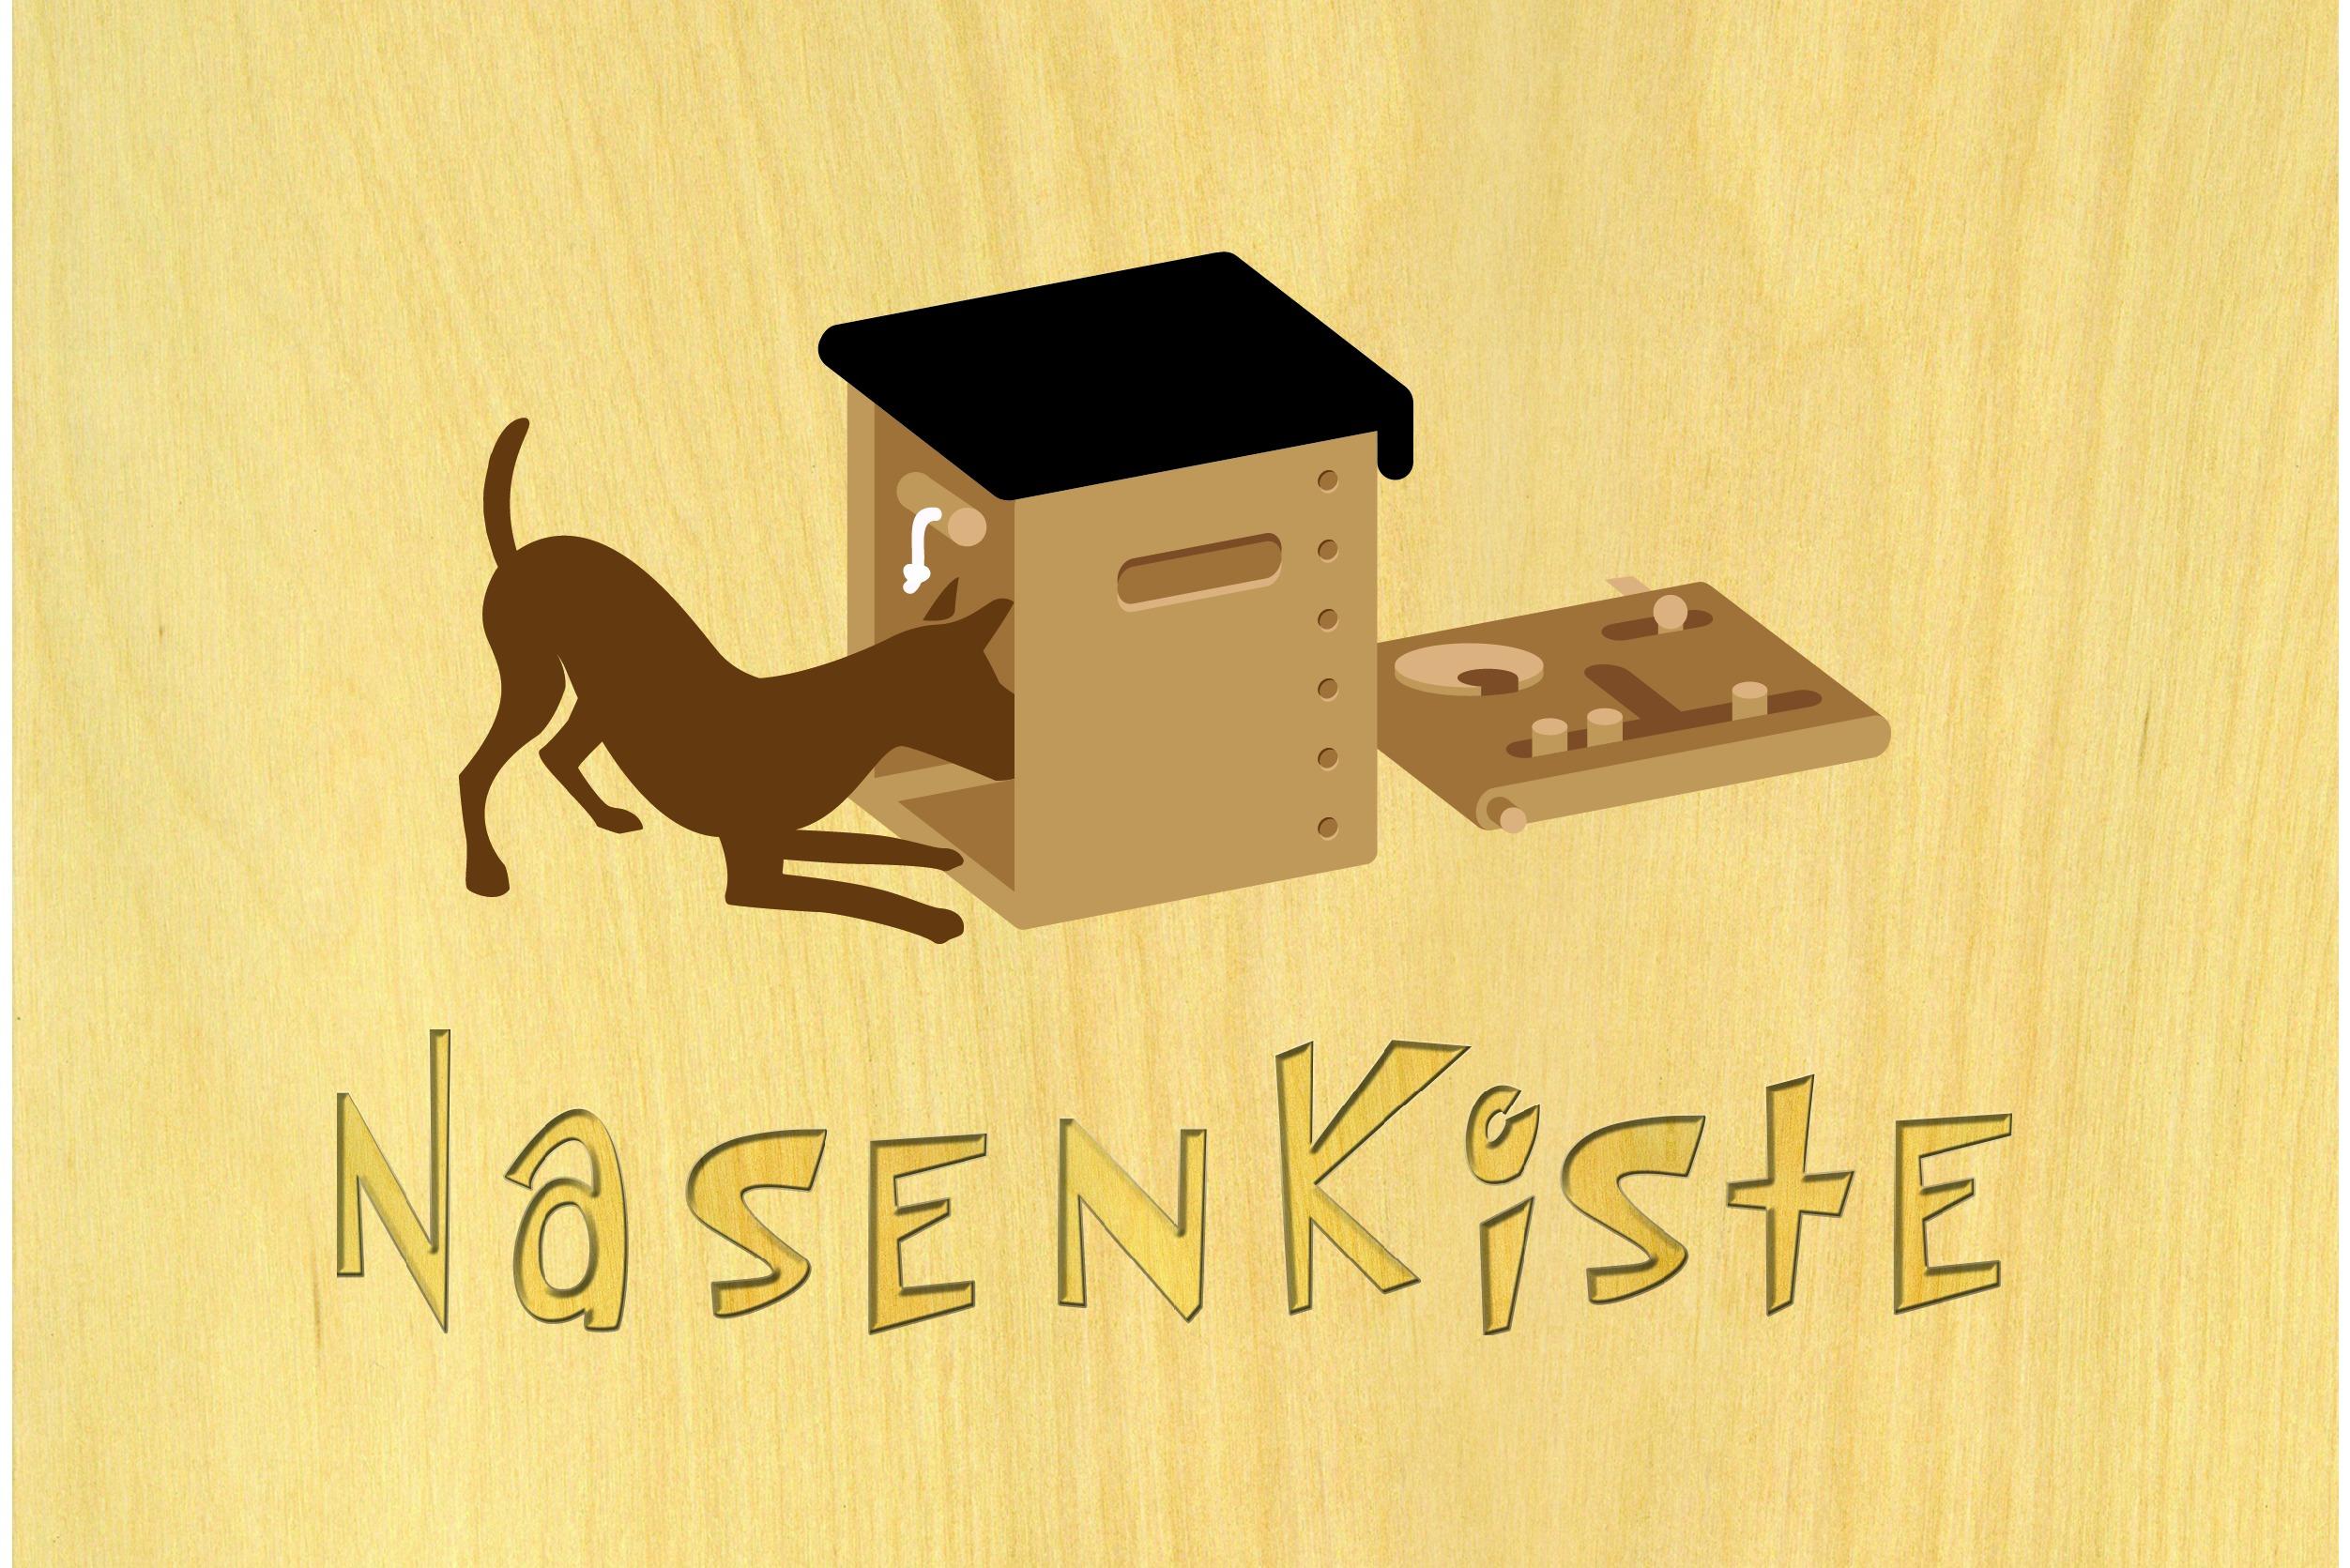 Logo der Nasenkiste mit Bild der Spielkiste bzw. dem Intelligenzspielzeug für Hunde.